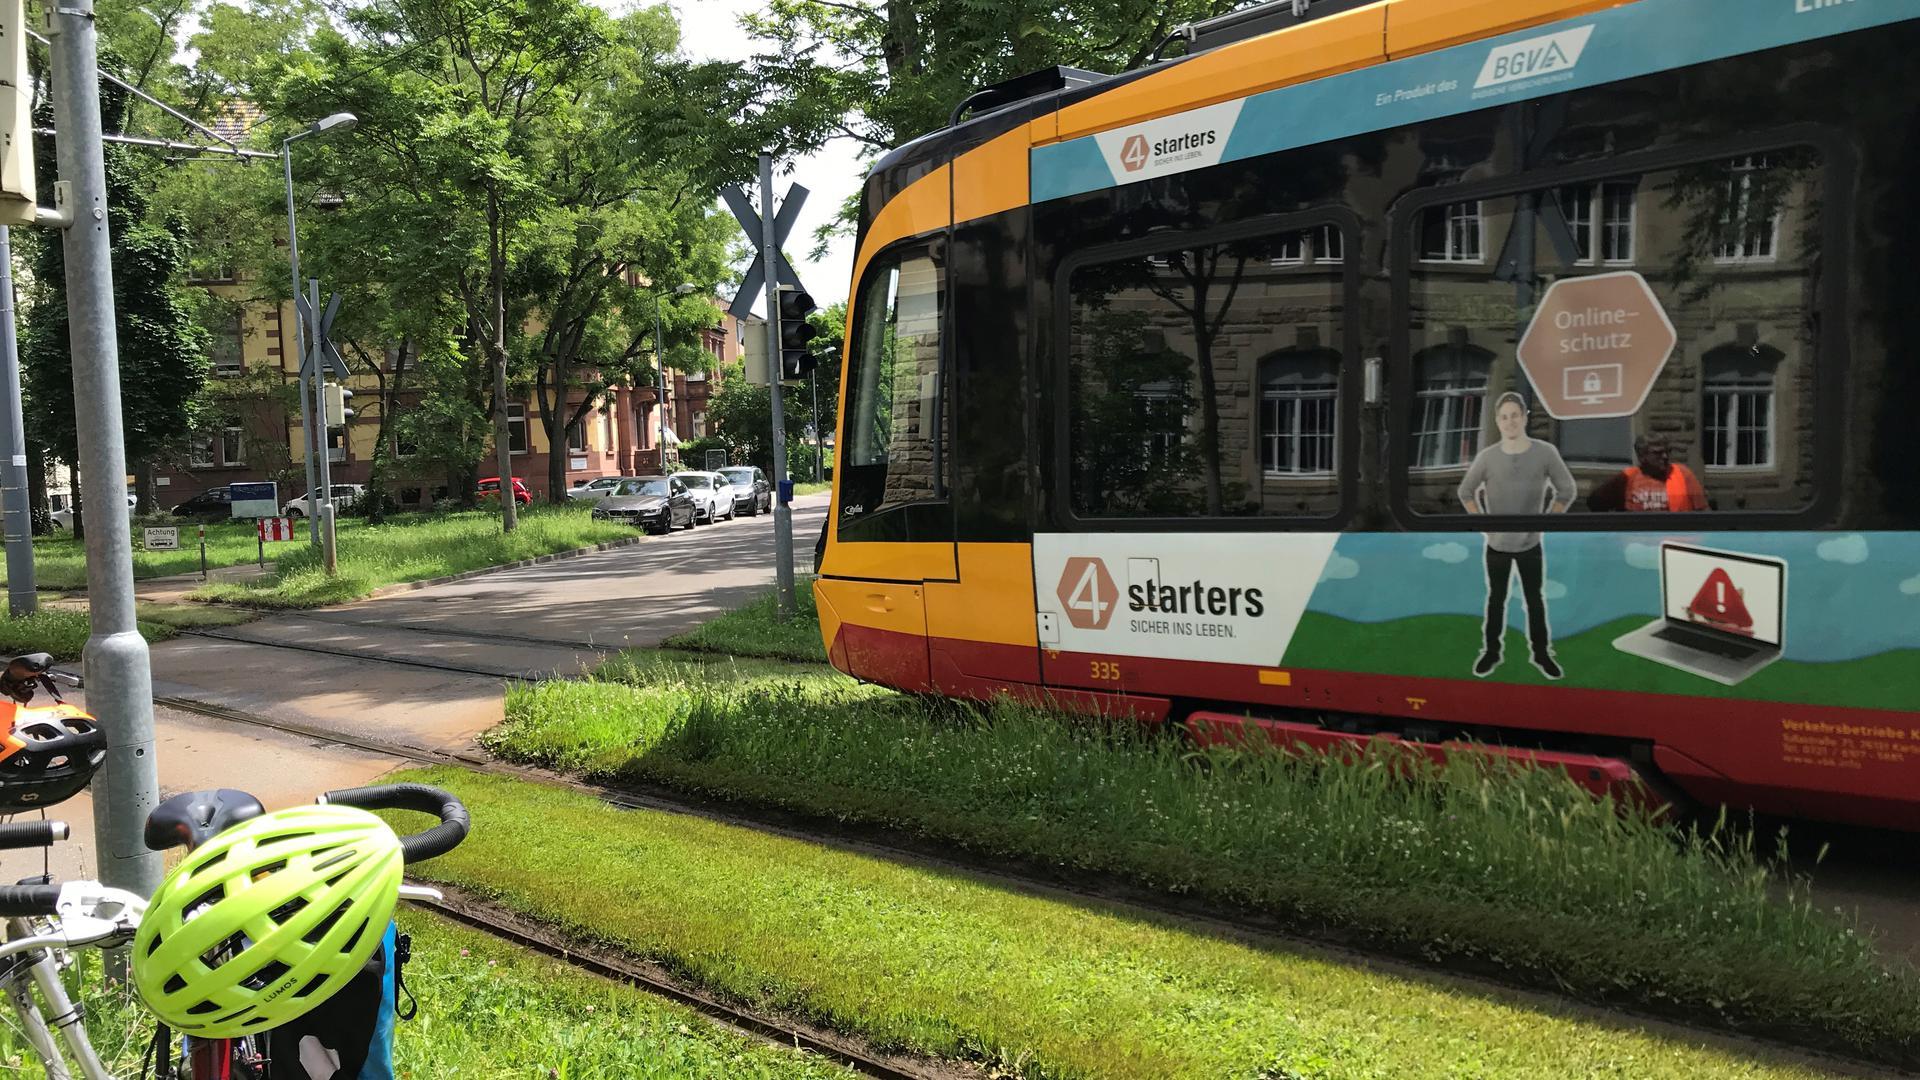 Straßenbahnschiene in der Karlsruher Hoffstraße: In Baden-Württemberg wird immer wieder über kostenlosen ÖPNV diskutiert.